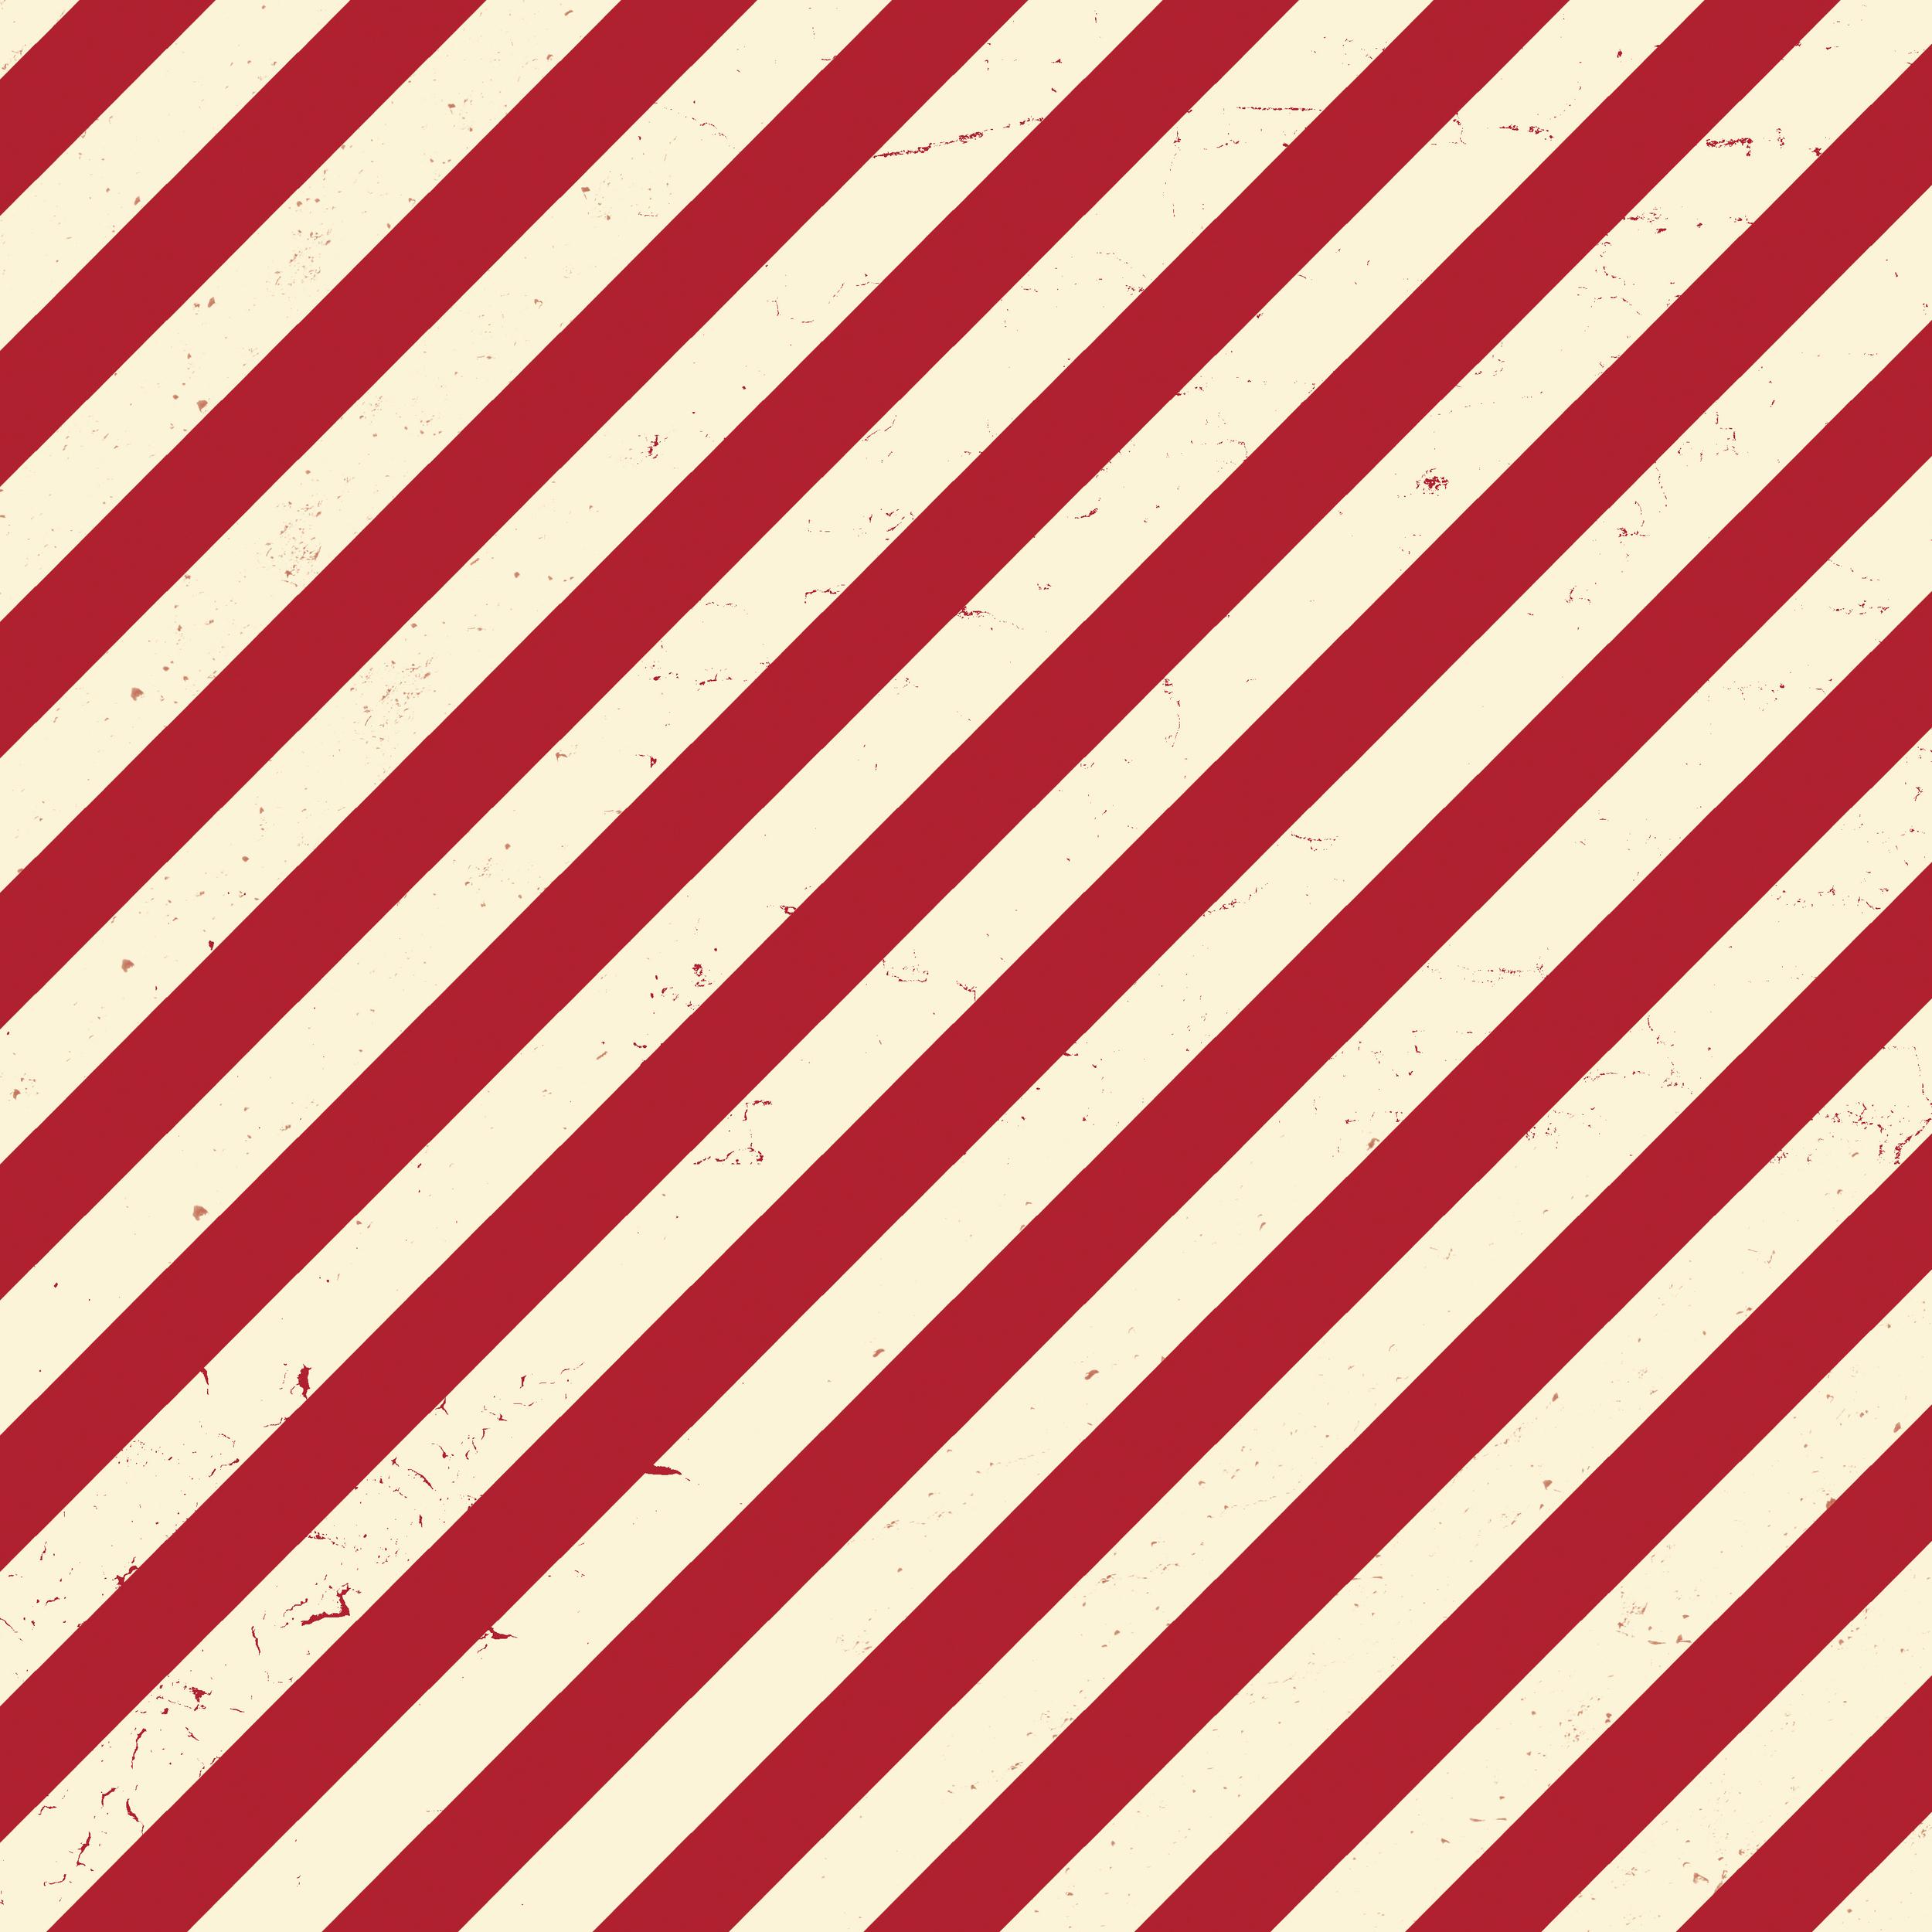 red & white diagonal